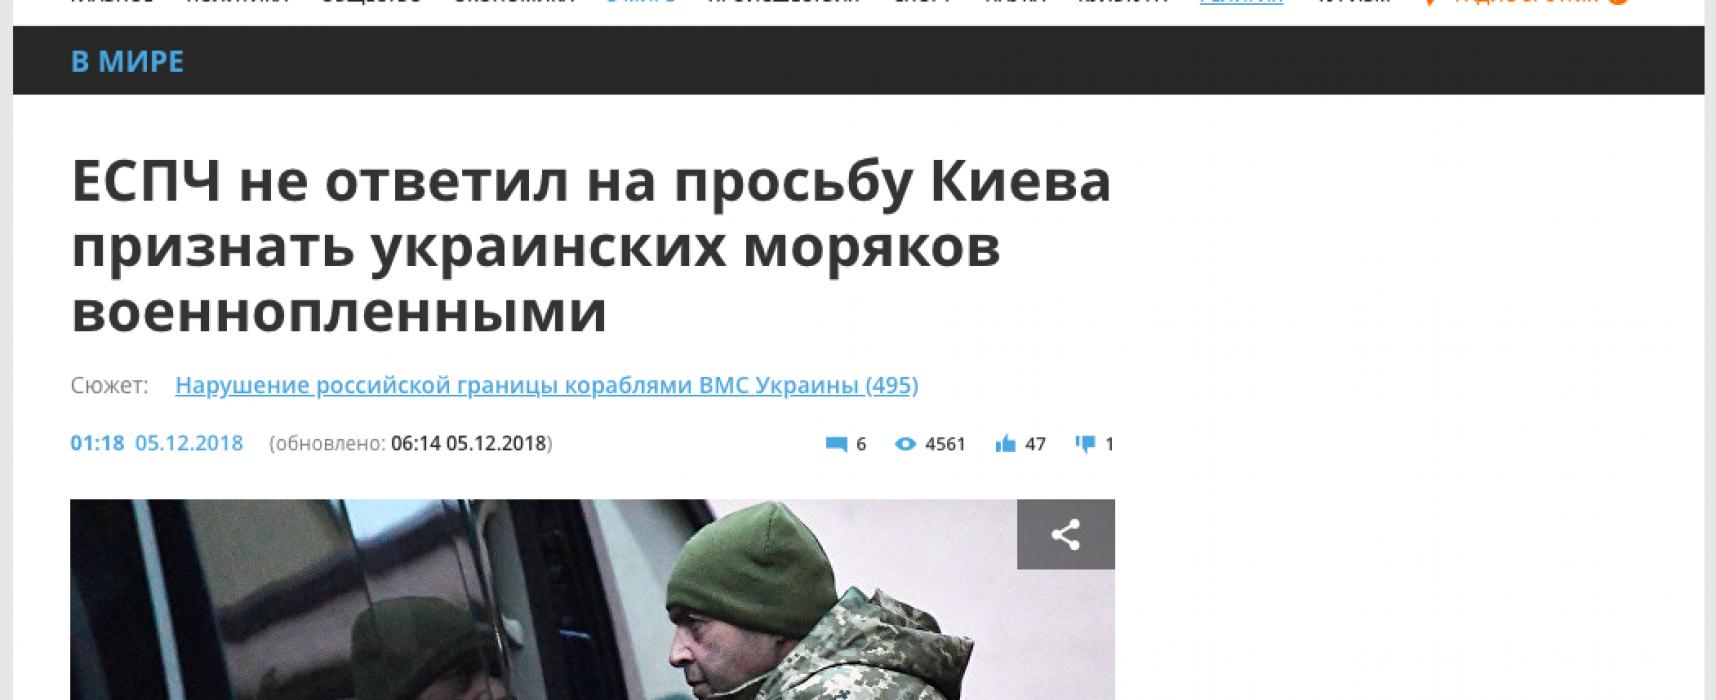 Falso: El TEDH no reconoce a los marineros ucranianos cautivos como prisioneros de guerra